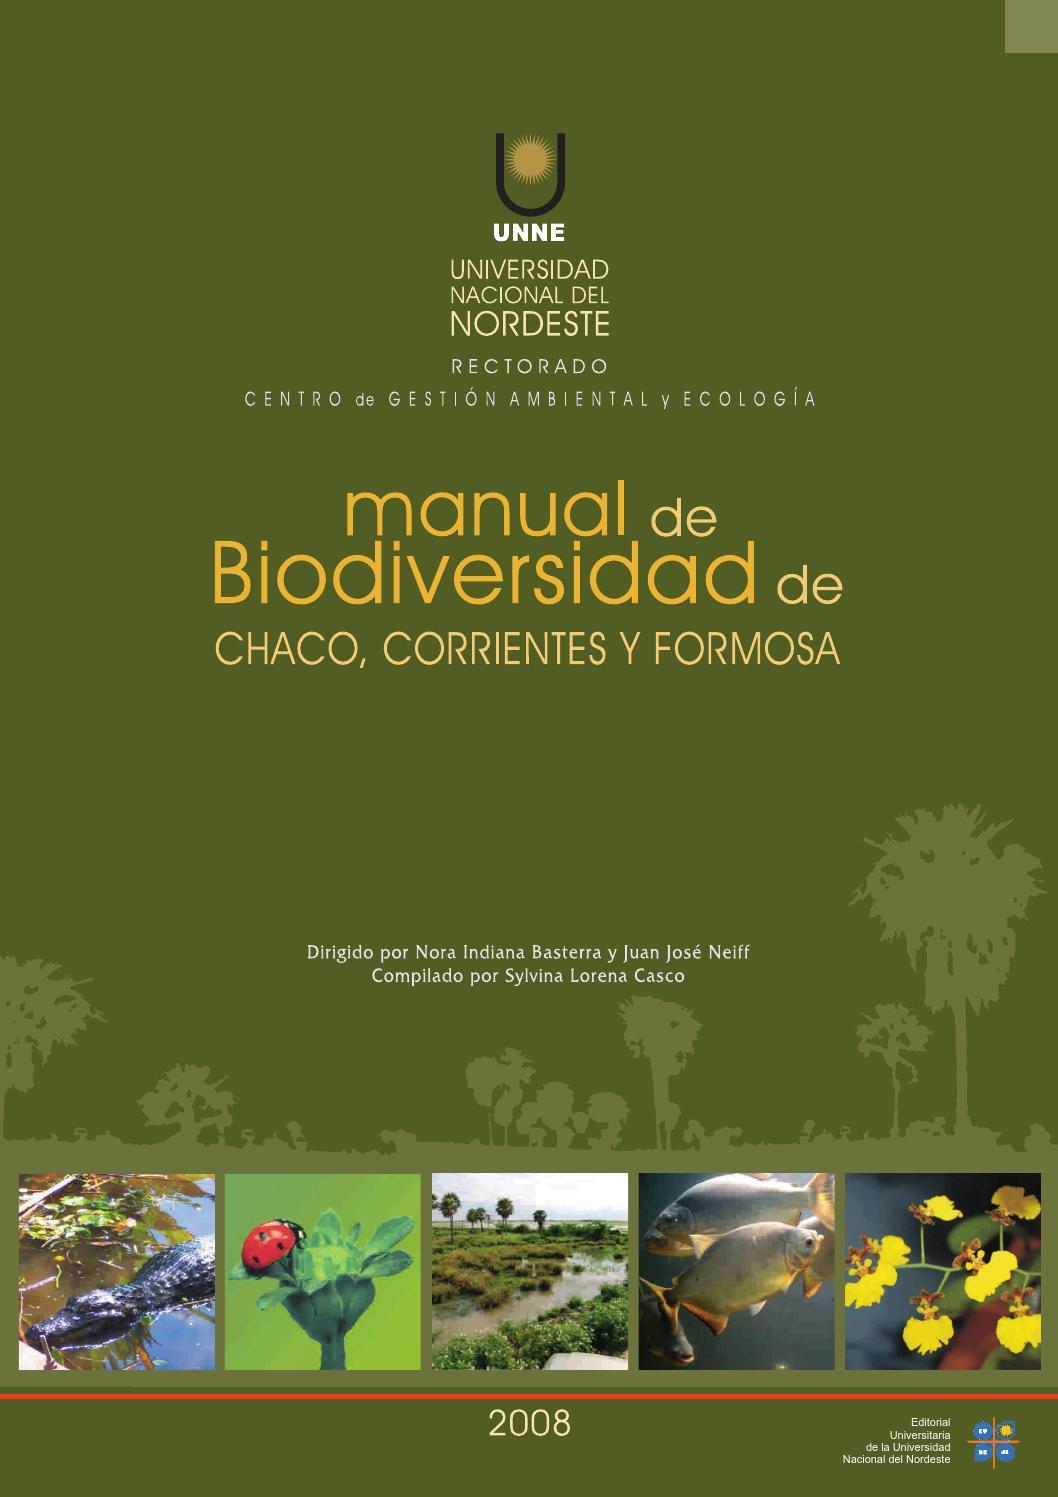 7a66e3d79a0e Manual ecologia argentina by irene silva - issuu